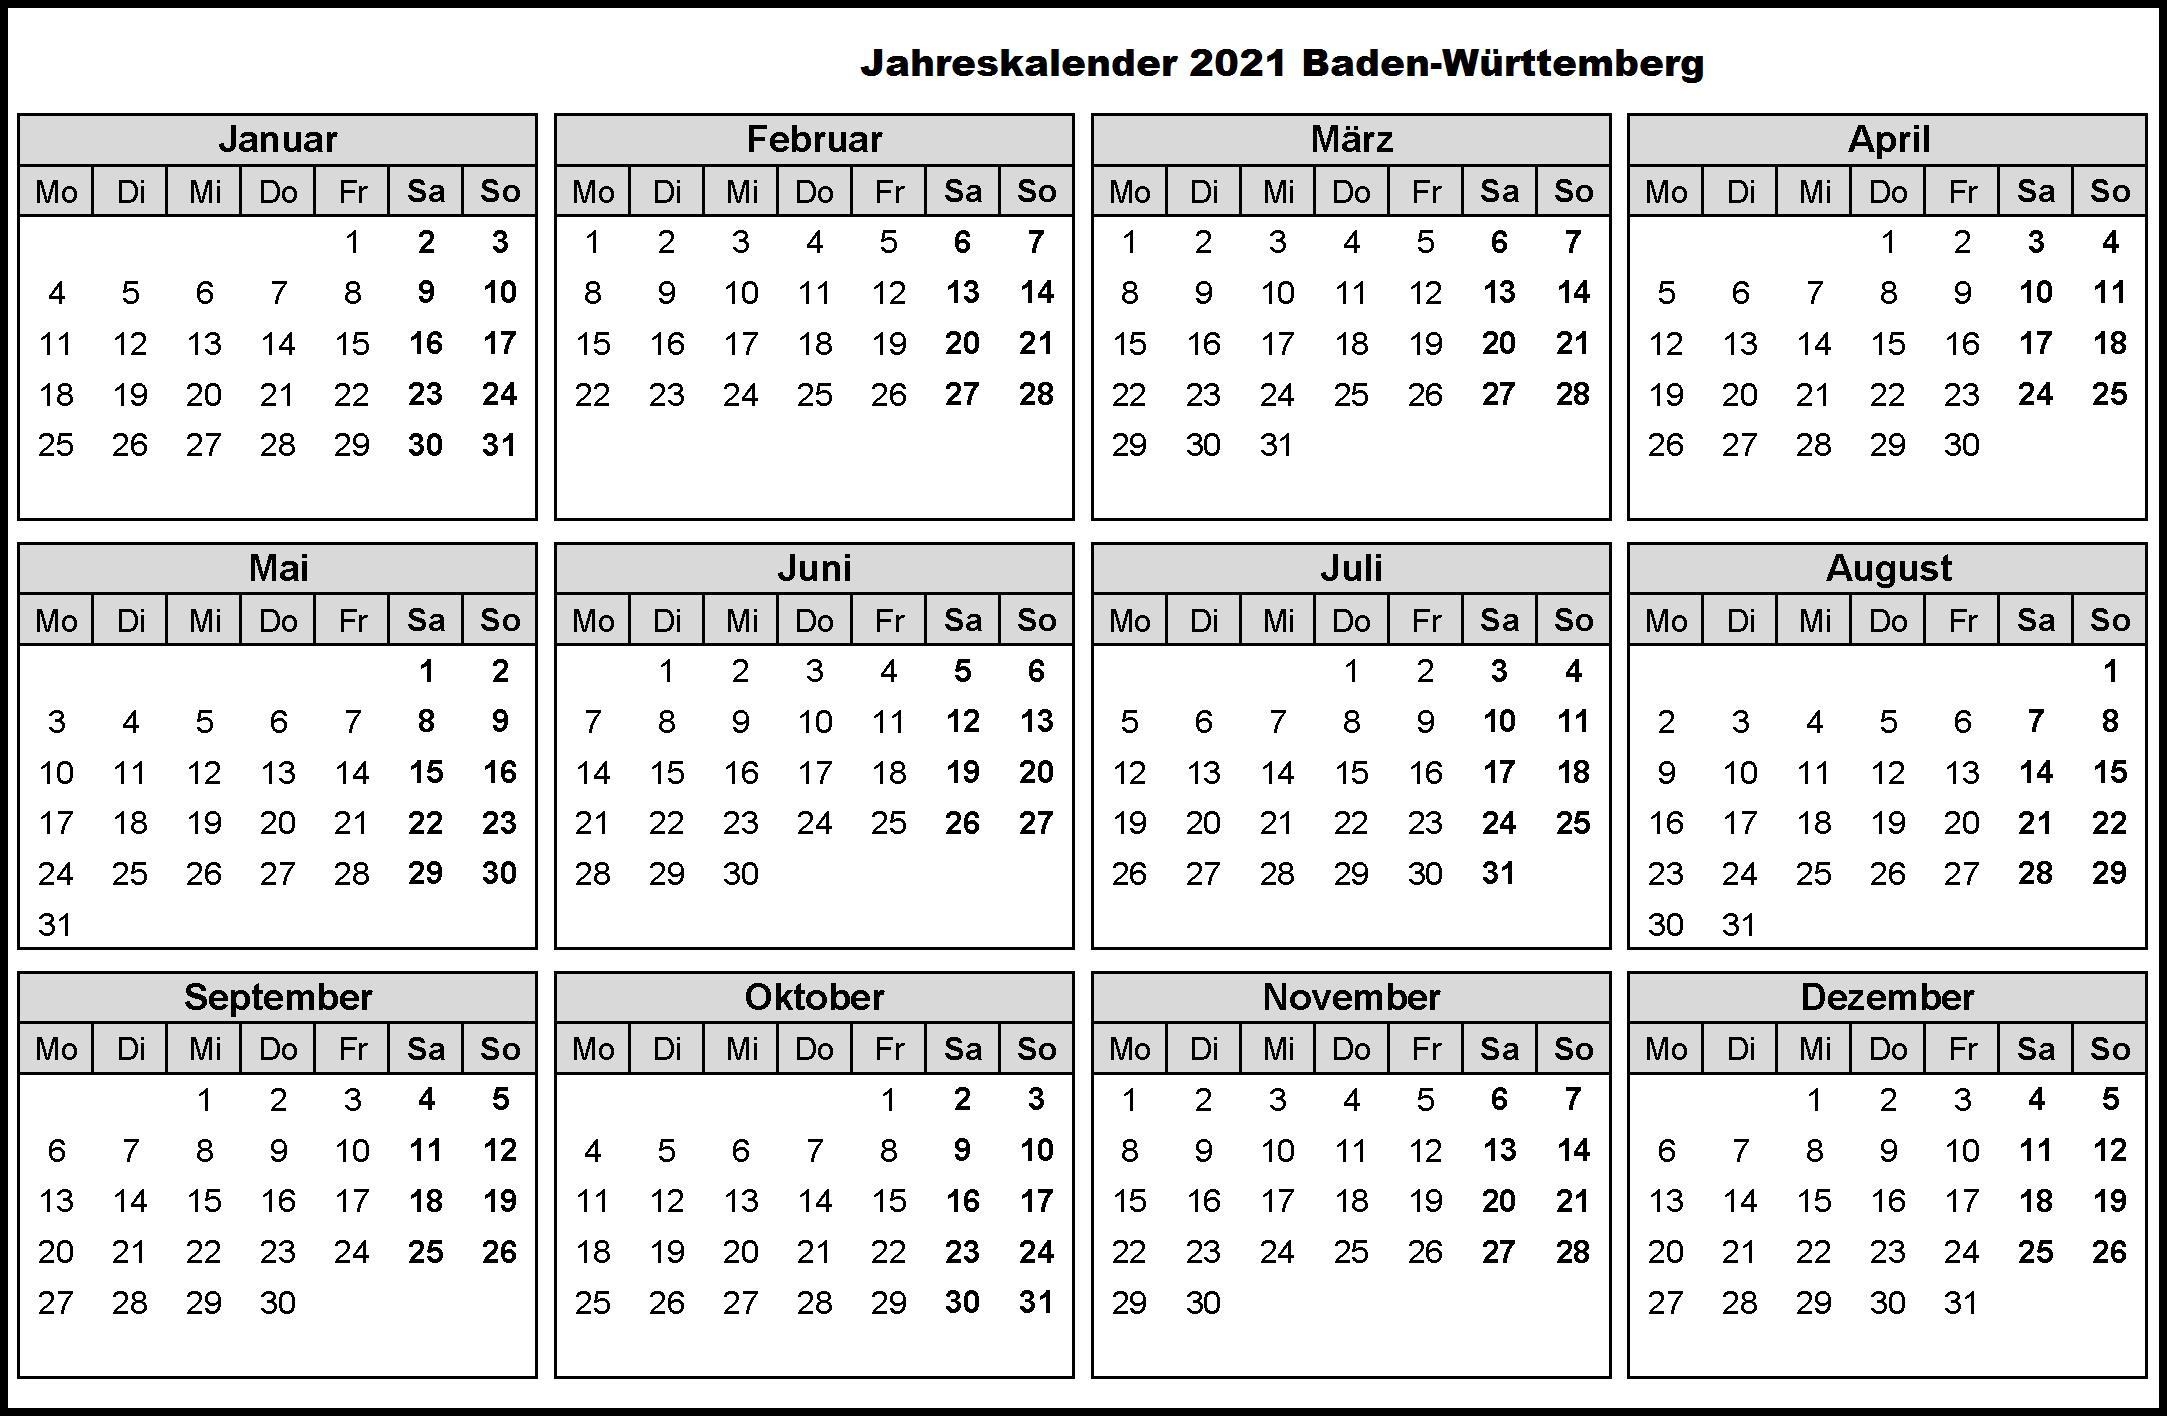 Jahreskalender 2021 Baden-Württemberg MitFerien und Feiertagen